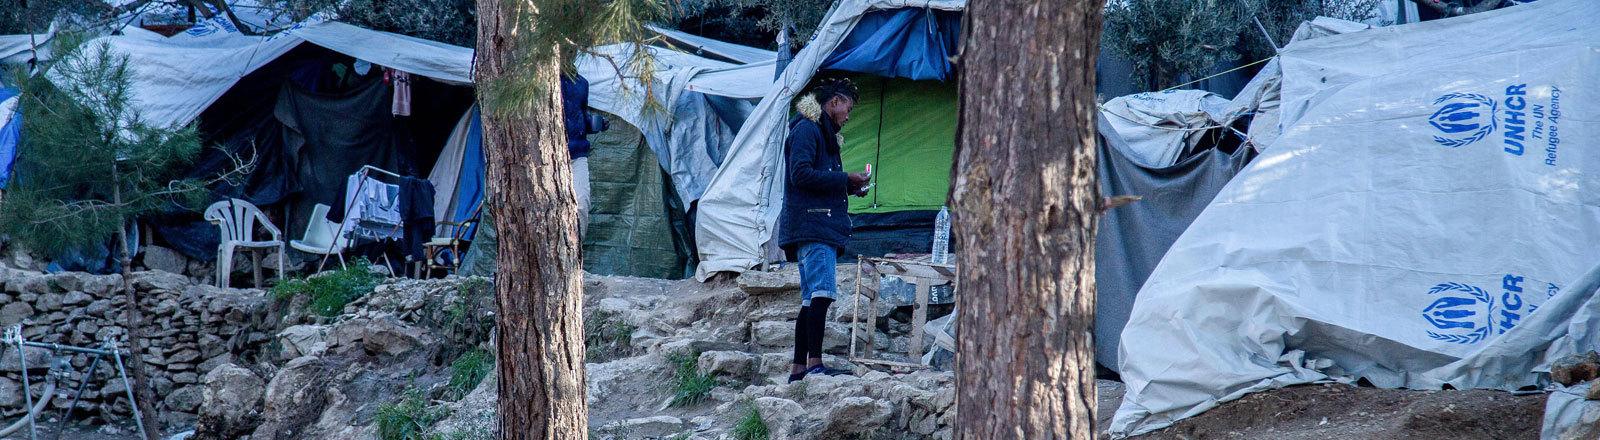 Ein Camp für Geflüchtete auf der griechischen Insel Samos.